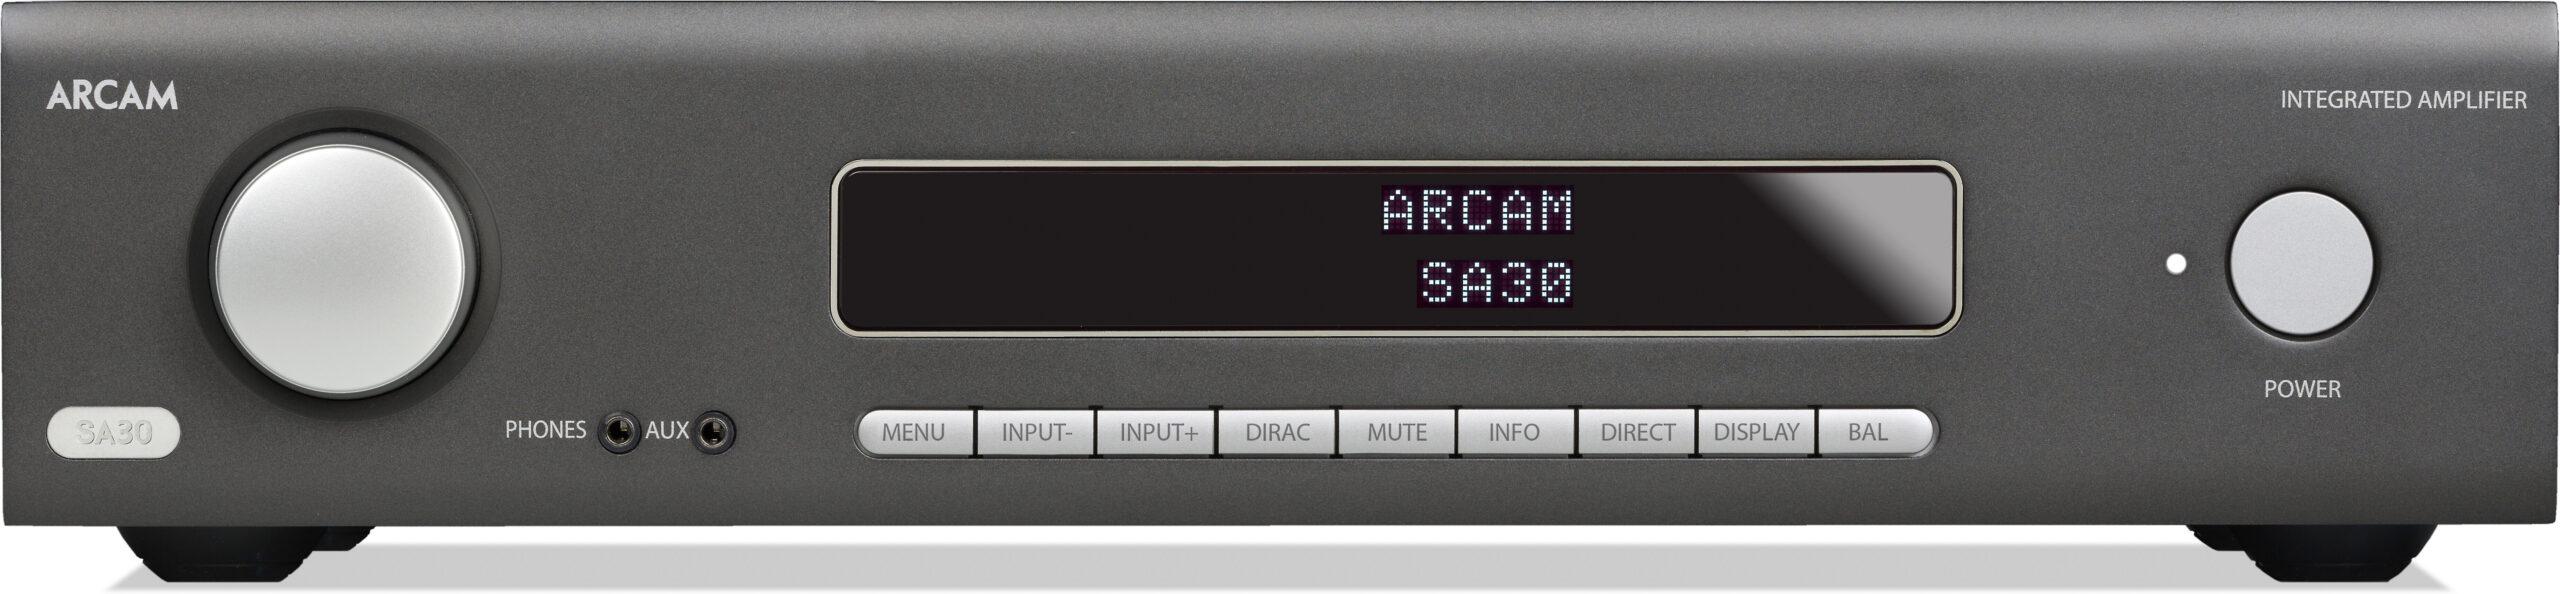 Panel frontal del amplificador Arcam SA30